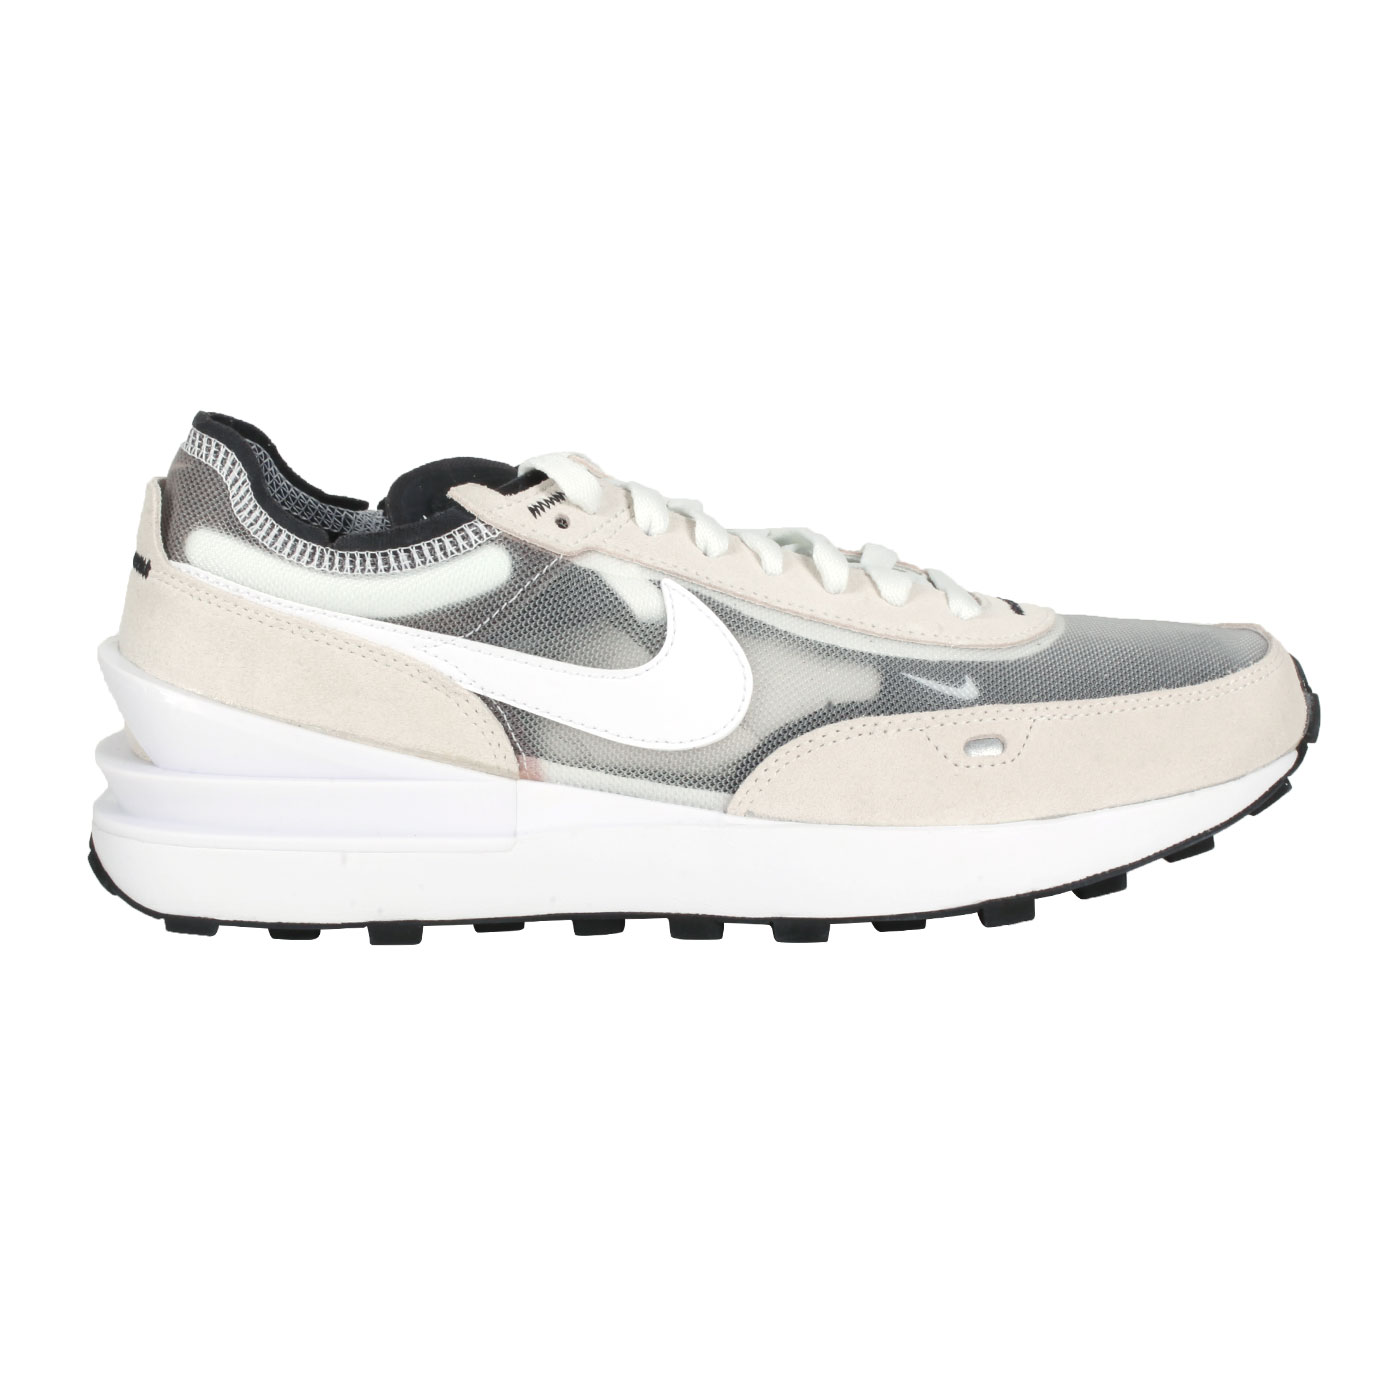 NIKE 男款休閒運動鞋  @WAFFLE ONE@DA7995-100